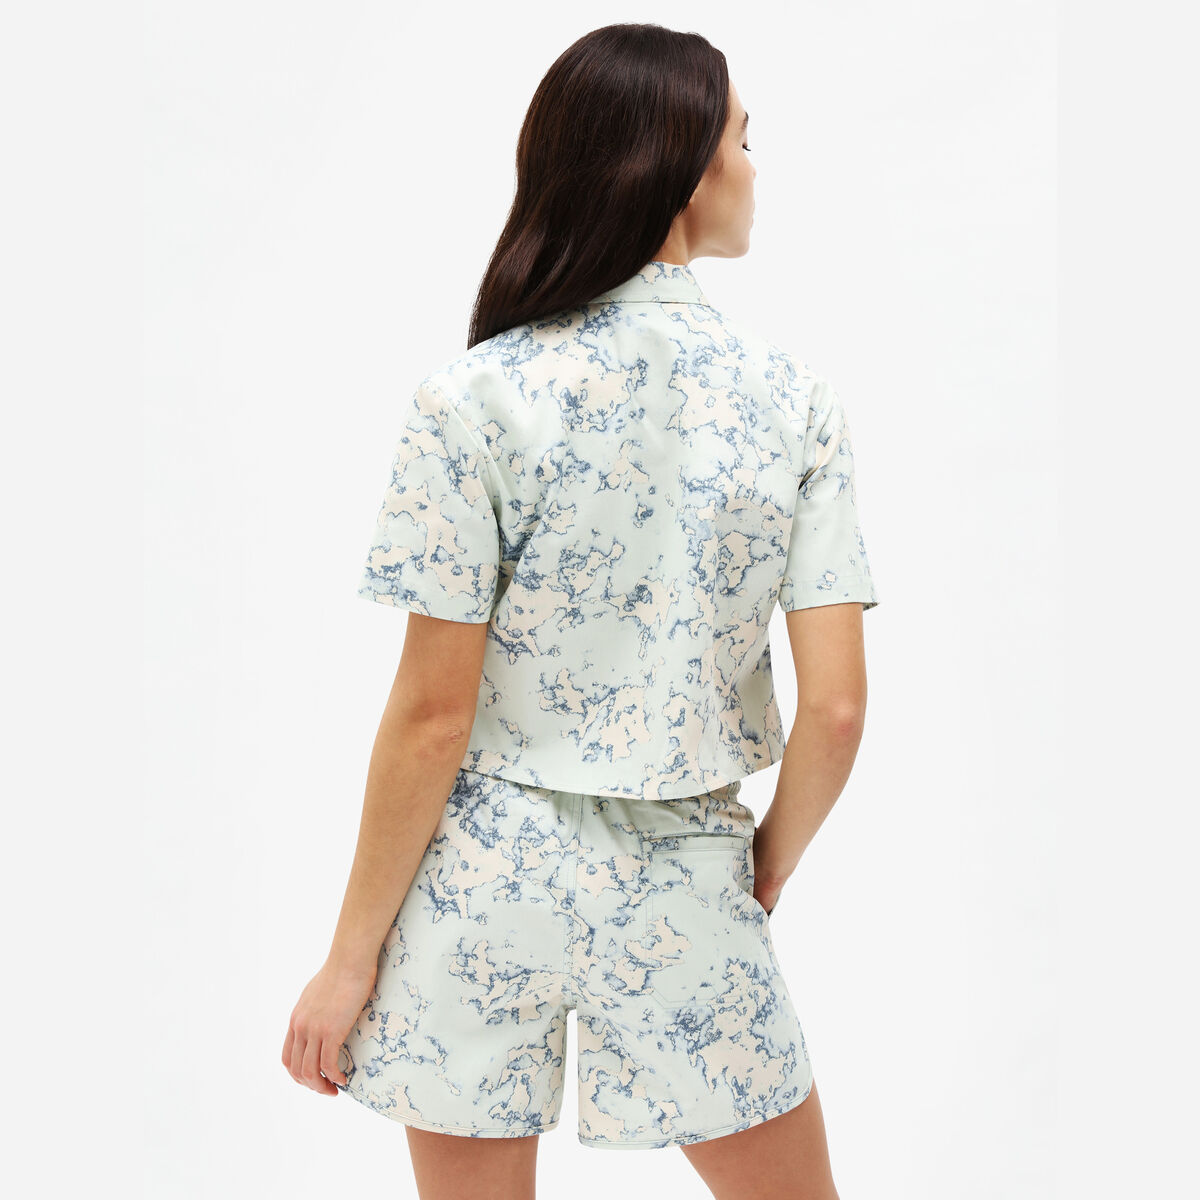 Bluse Sunburg Shirt